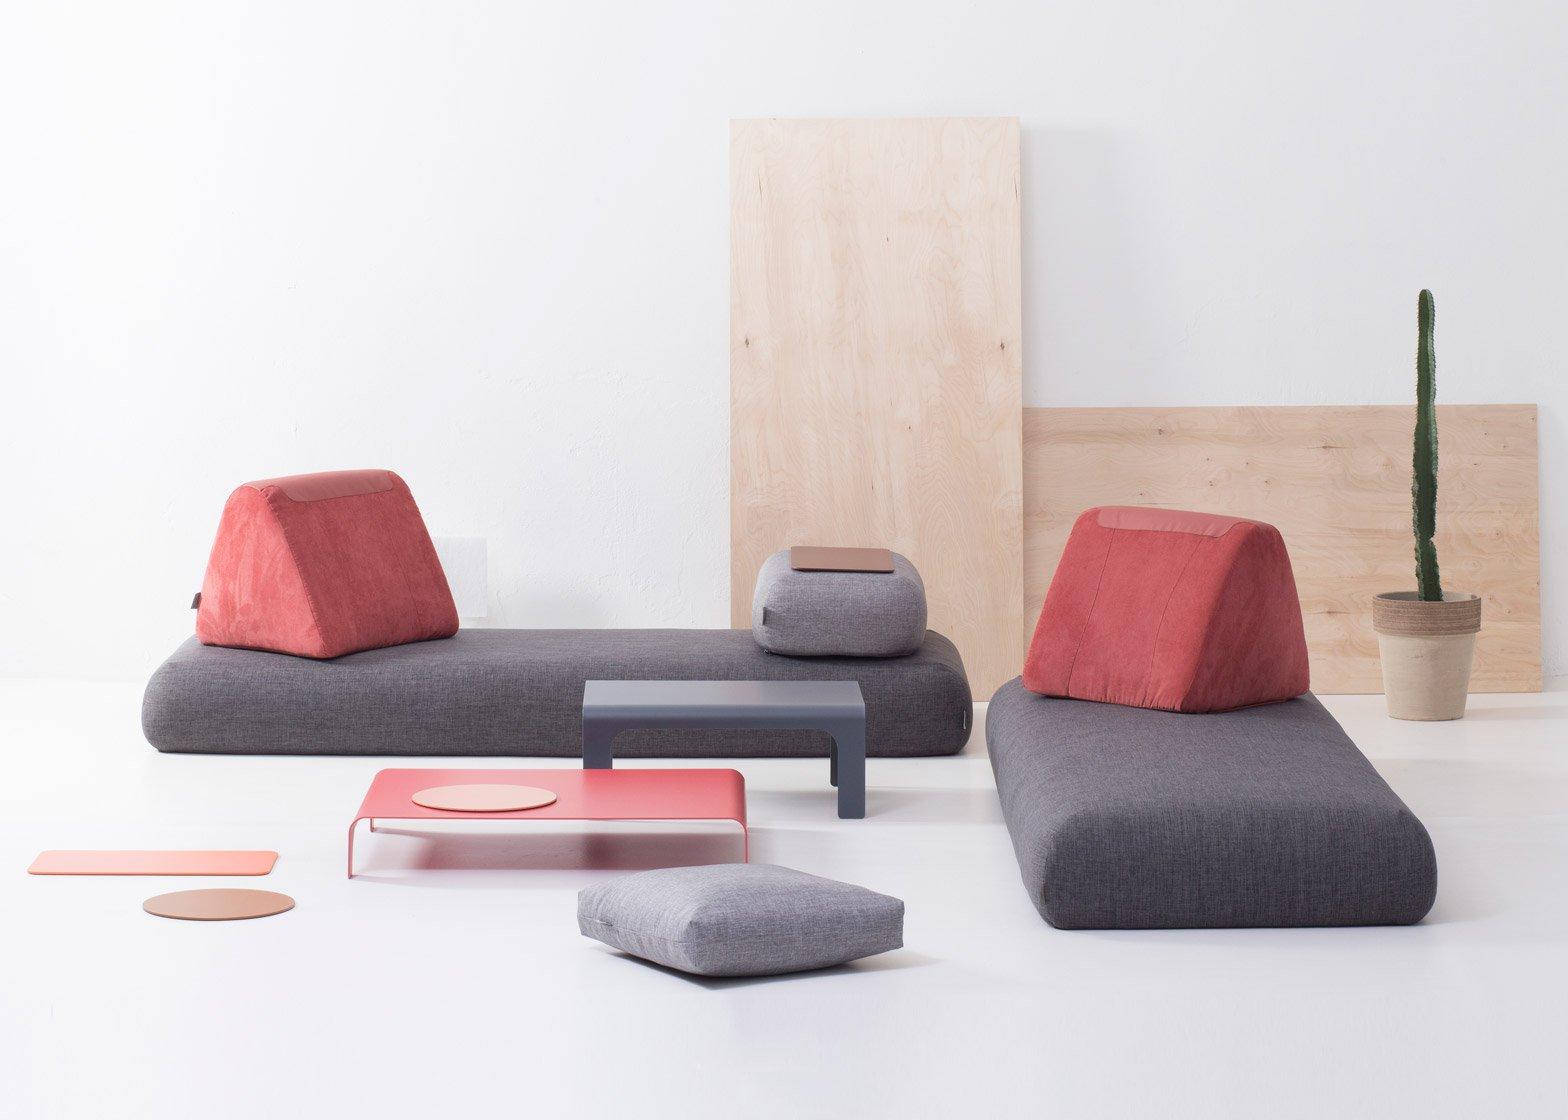 Бескаркасный диван в футуристичном дизайне